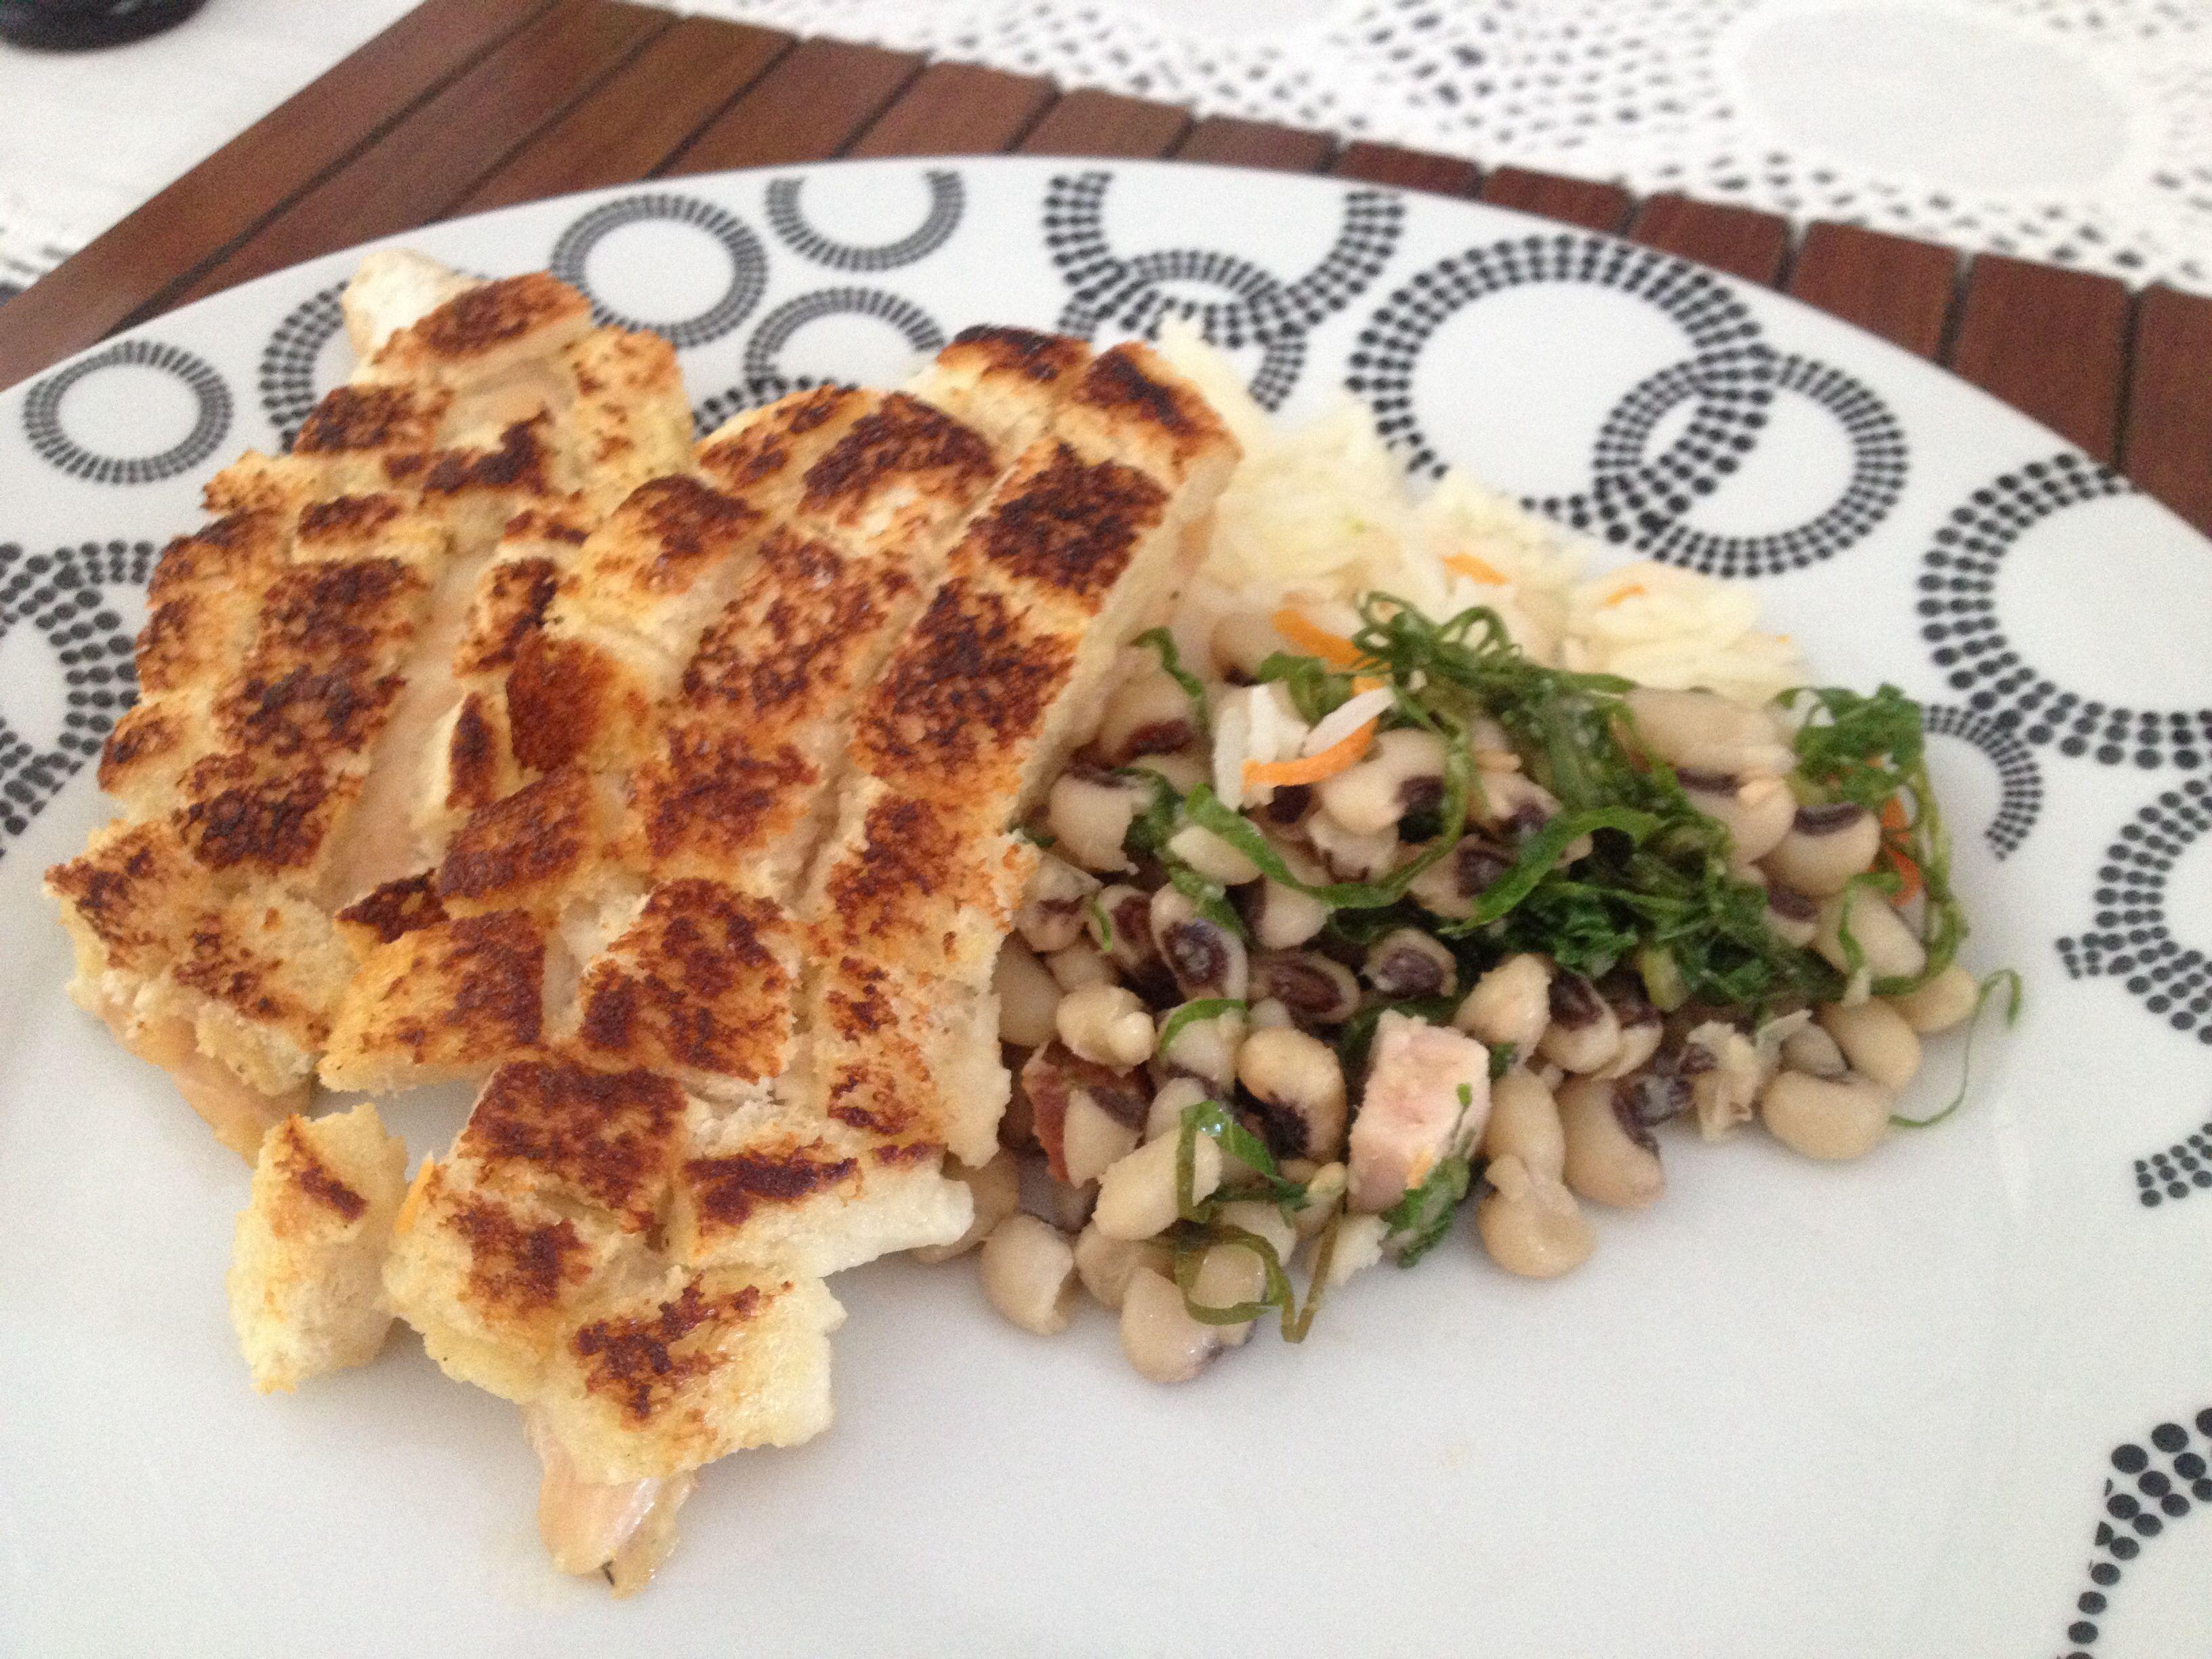 Frango crocrante, feijão verde e arroz com cenoura.